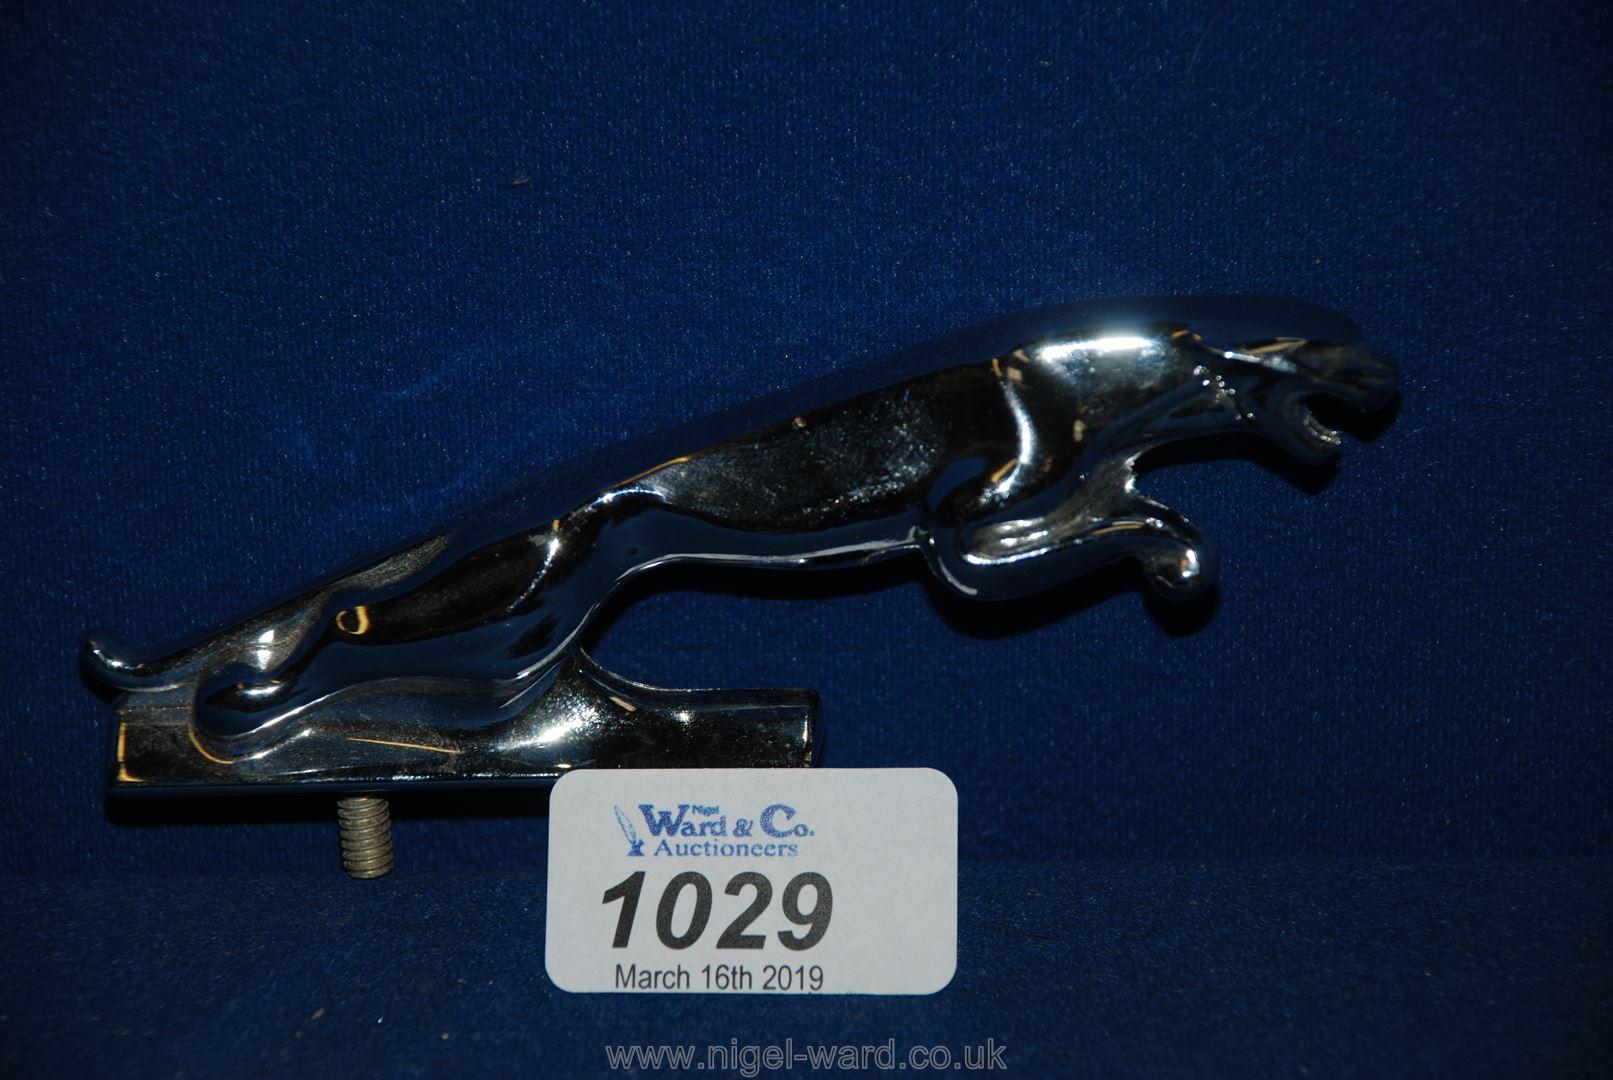 Lot 1029 - A Jaguar car Mascot